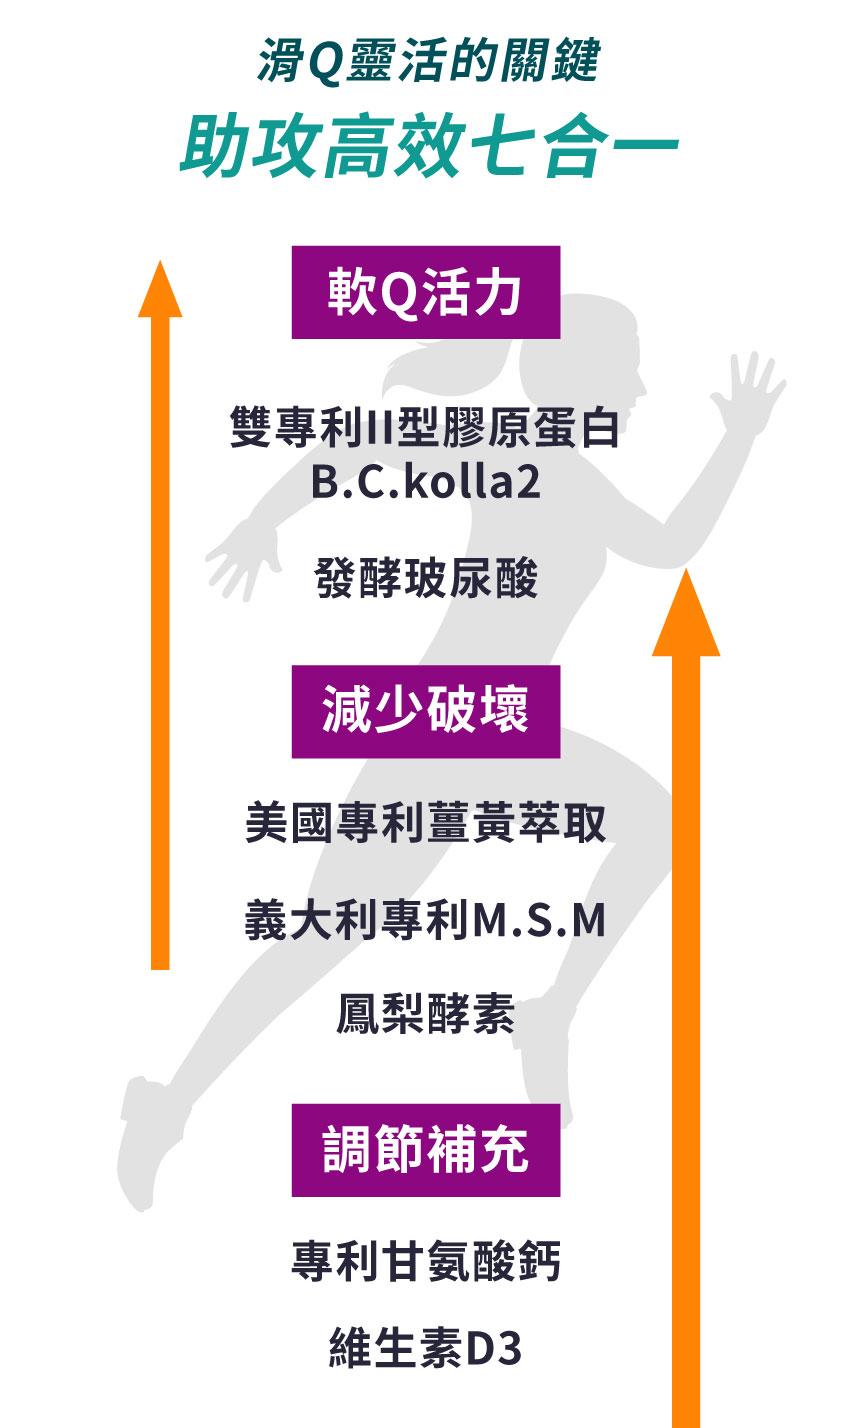 滑Q靈活的關鍵,助攻高效七合一,雙專利二型膠原蛋白, B.C. Kolla2,發酵玻尿酸,美國專利薑黃萃取,義大利專利M.SM,鳳梨酵素,專利乾氨酸鈣,維生素D3